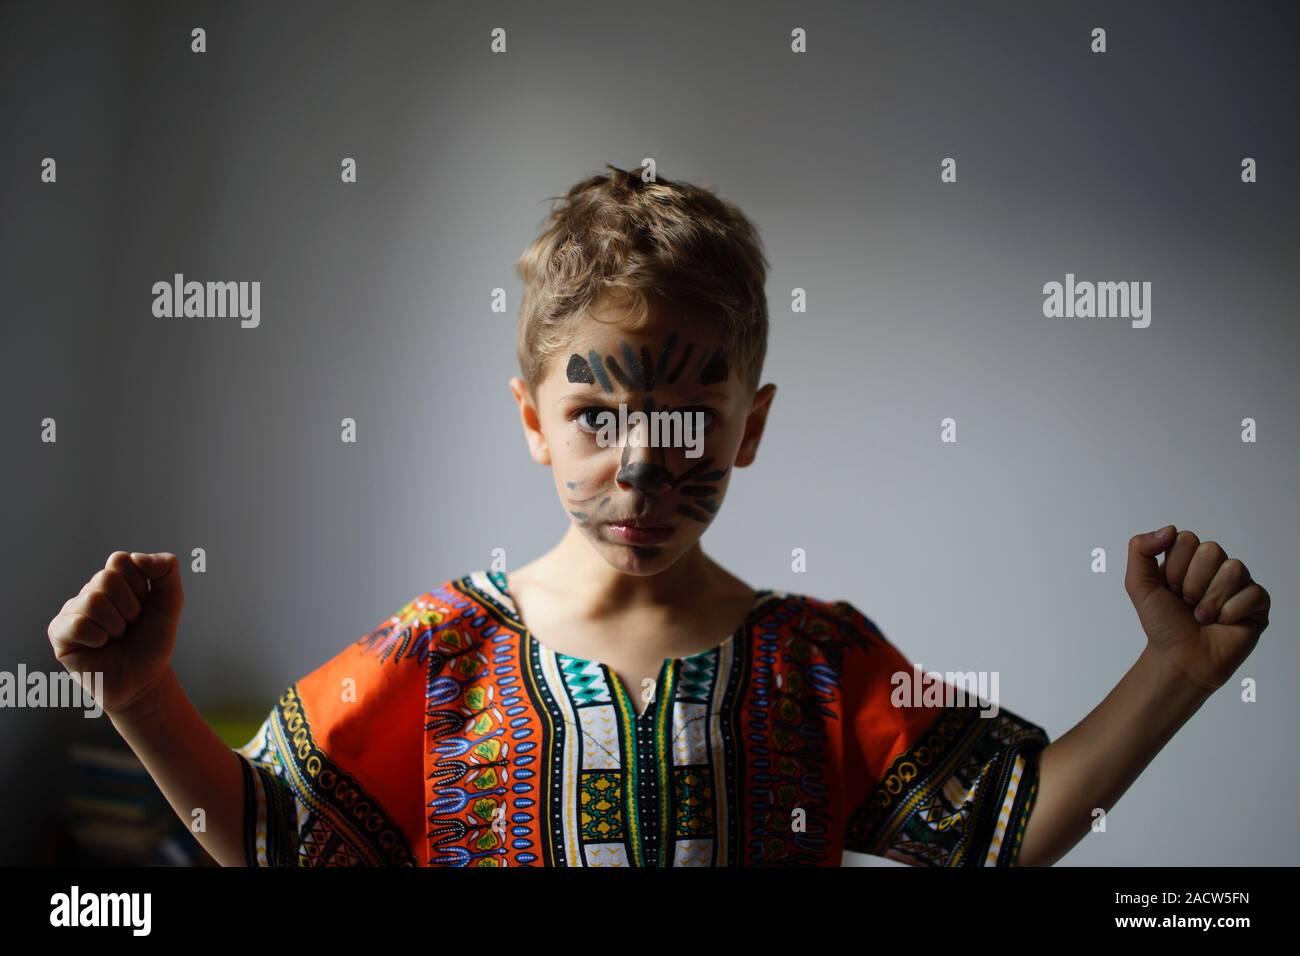 Garçon avec visage peint, poing levé et soulevées portant chemise traditionnelle africaine Dashiki Banque D'Images